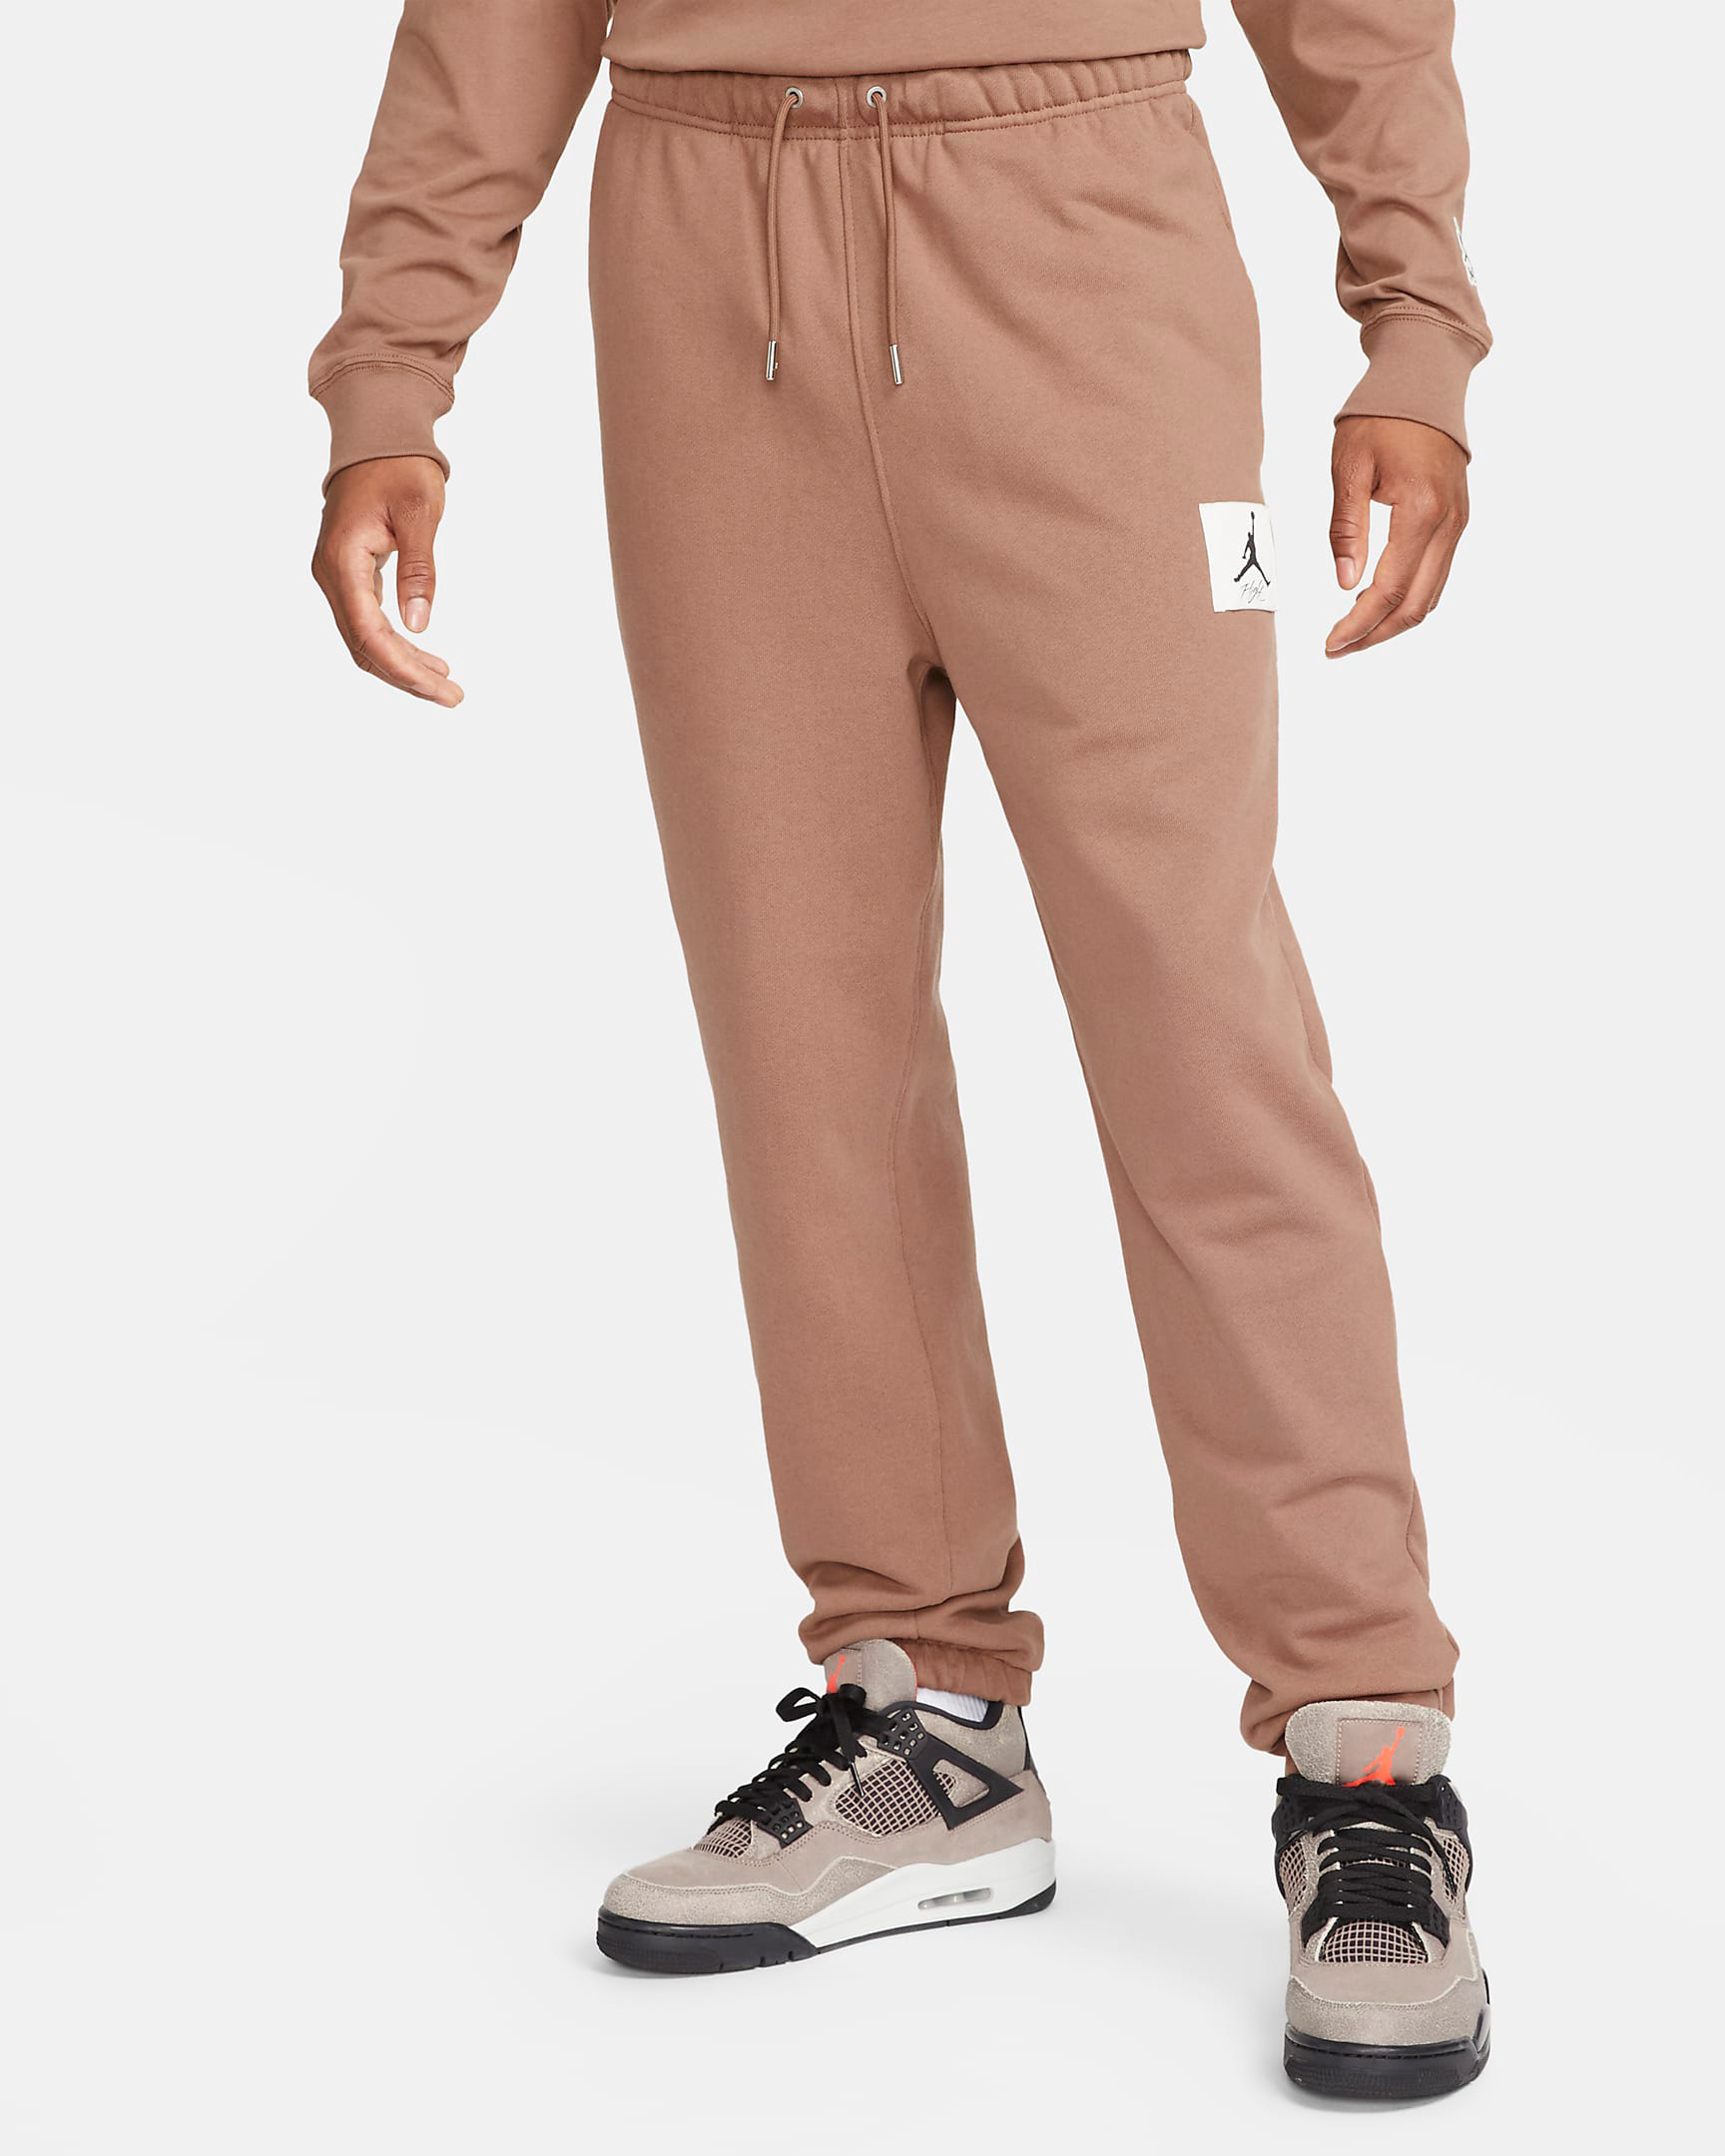 jordan-archaeo-brown-essential-statement-fleece-pants-1